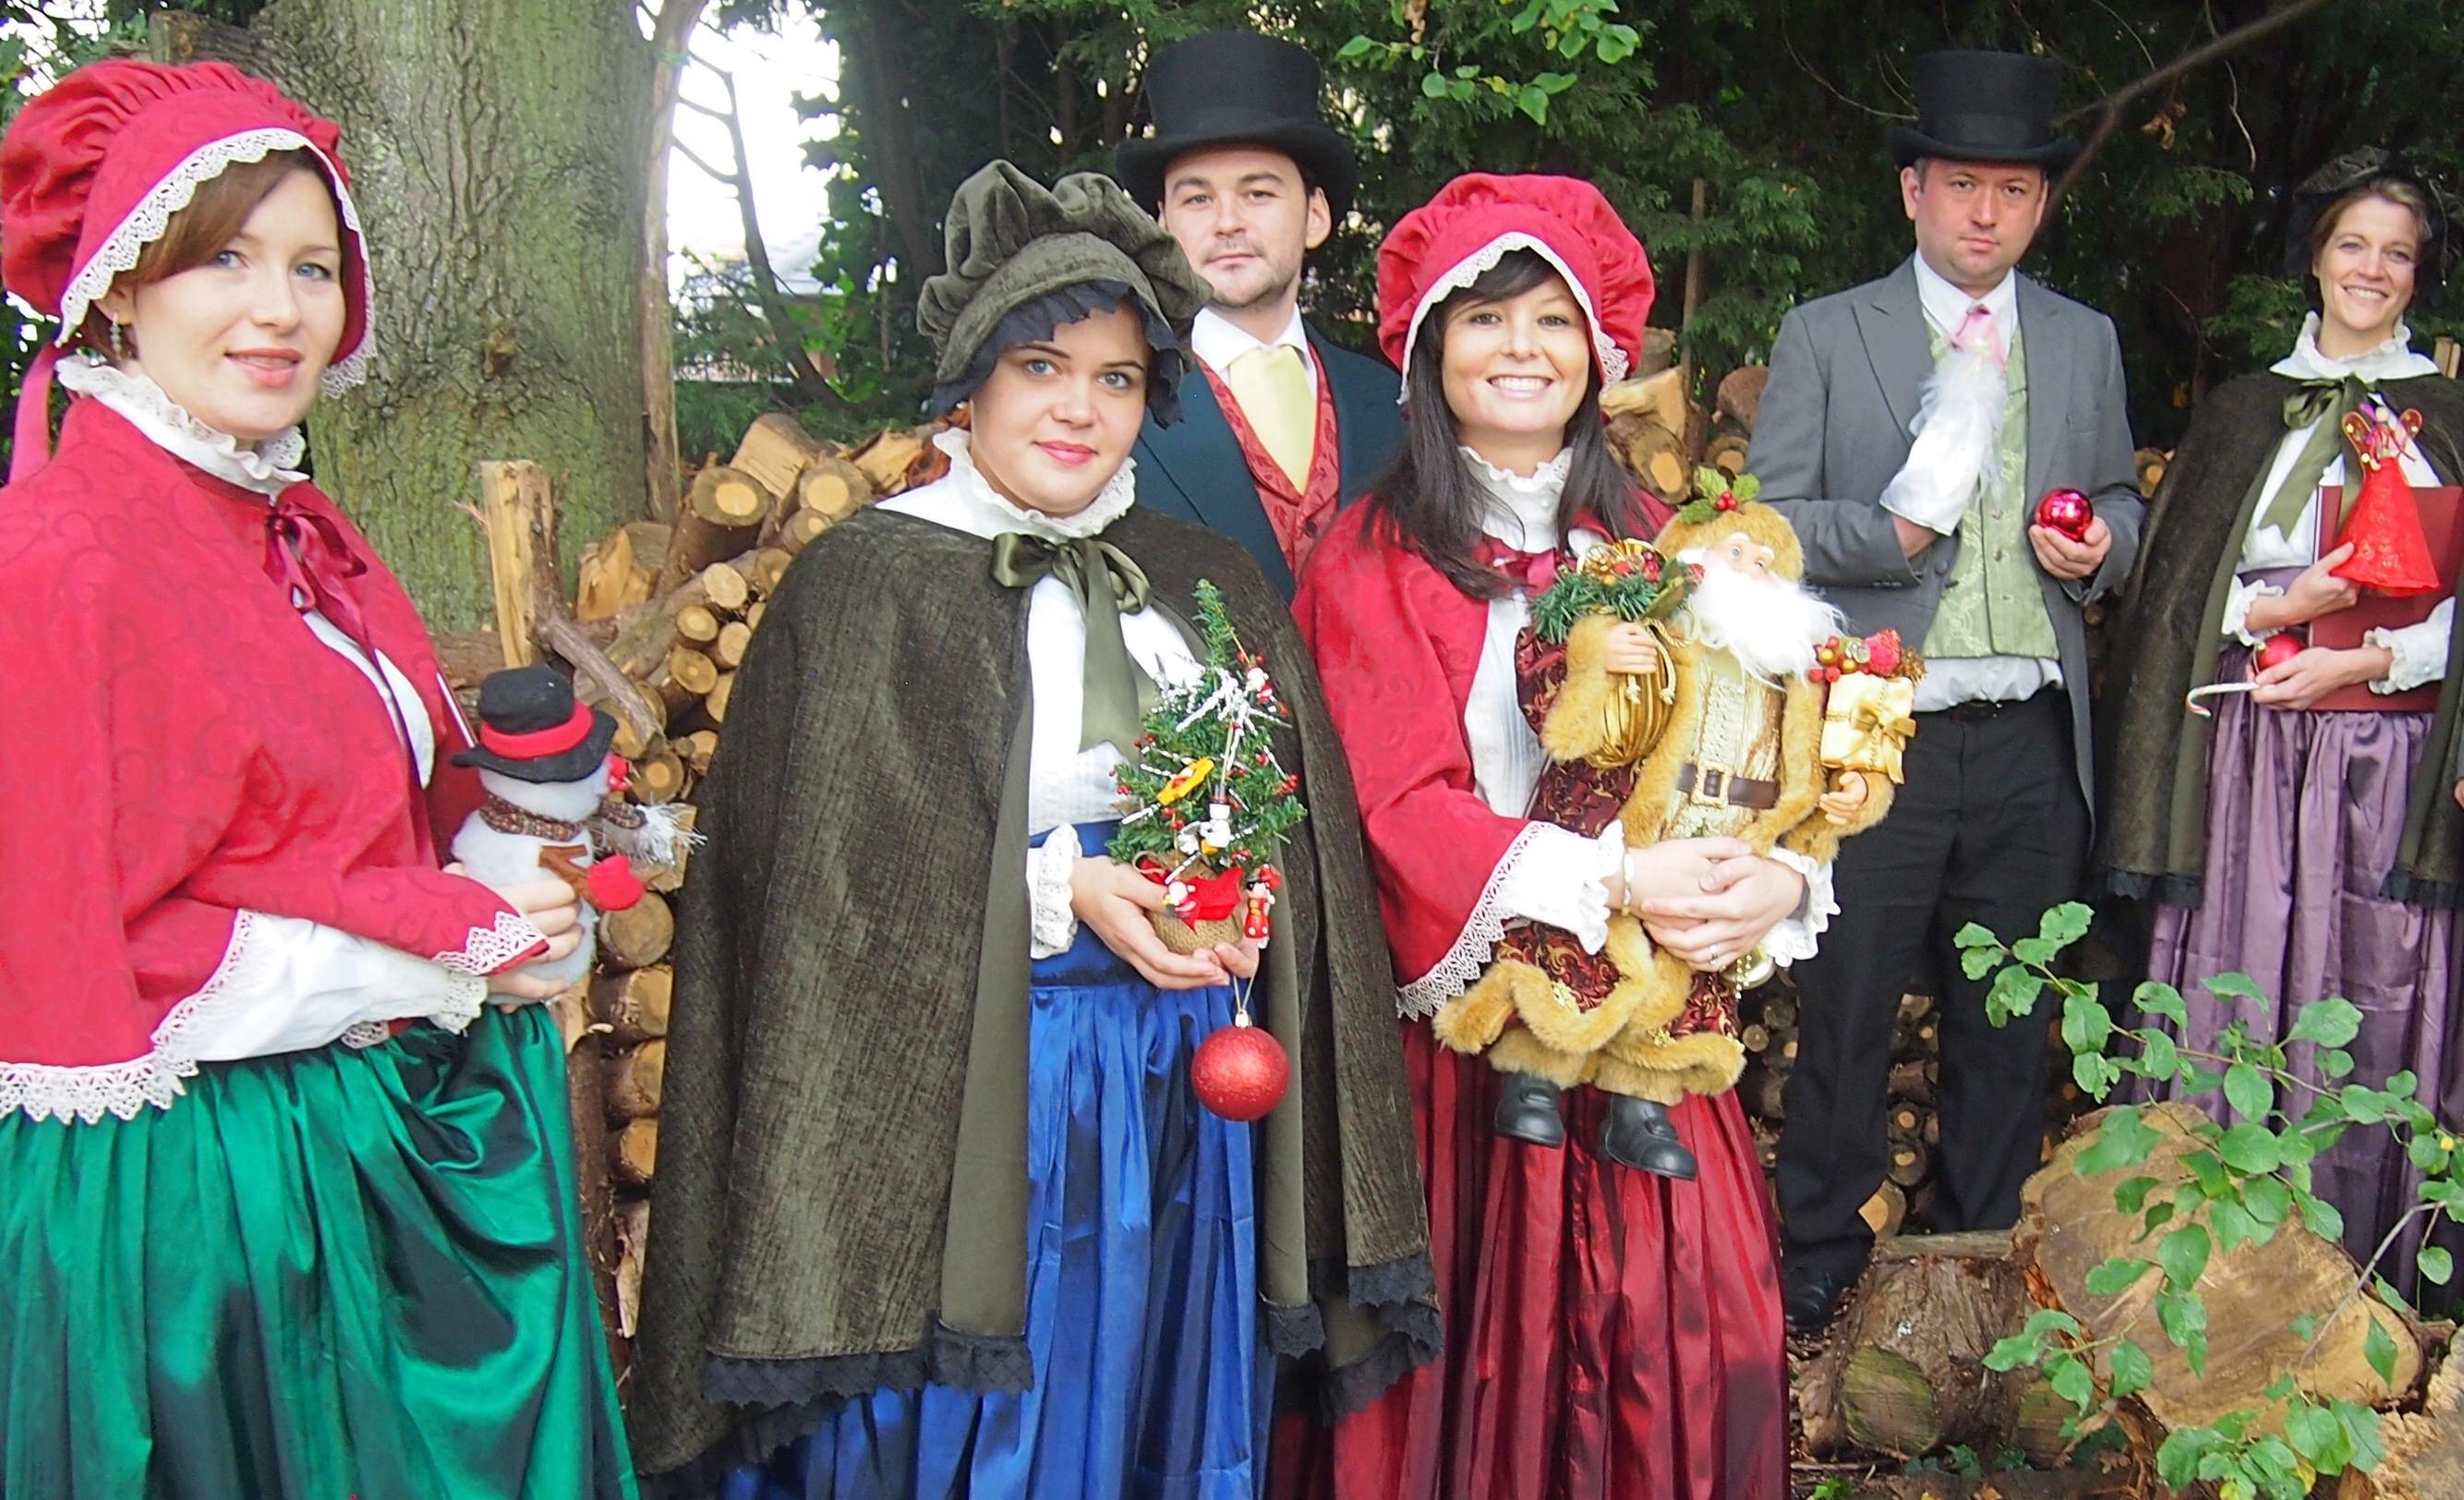 Victorian Carol Singers Performers Uk Victorian Carol Singers Hire Uk